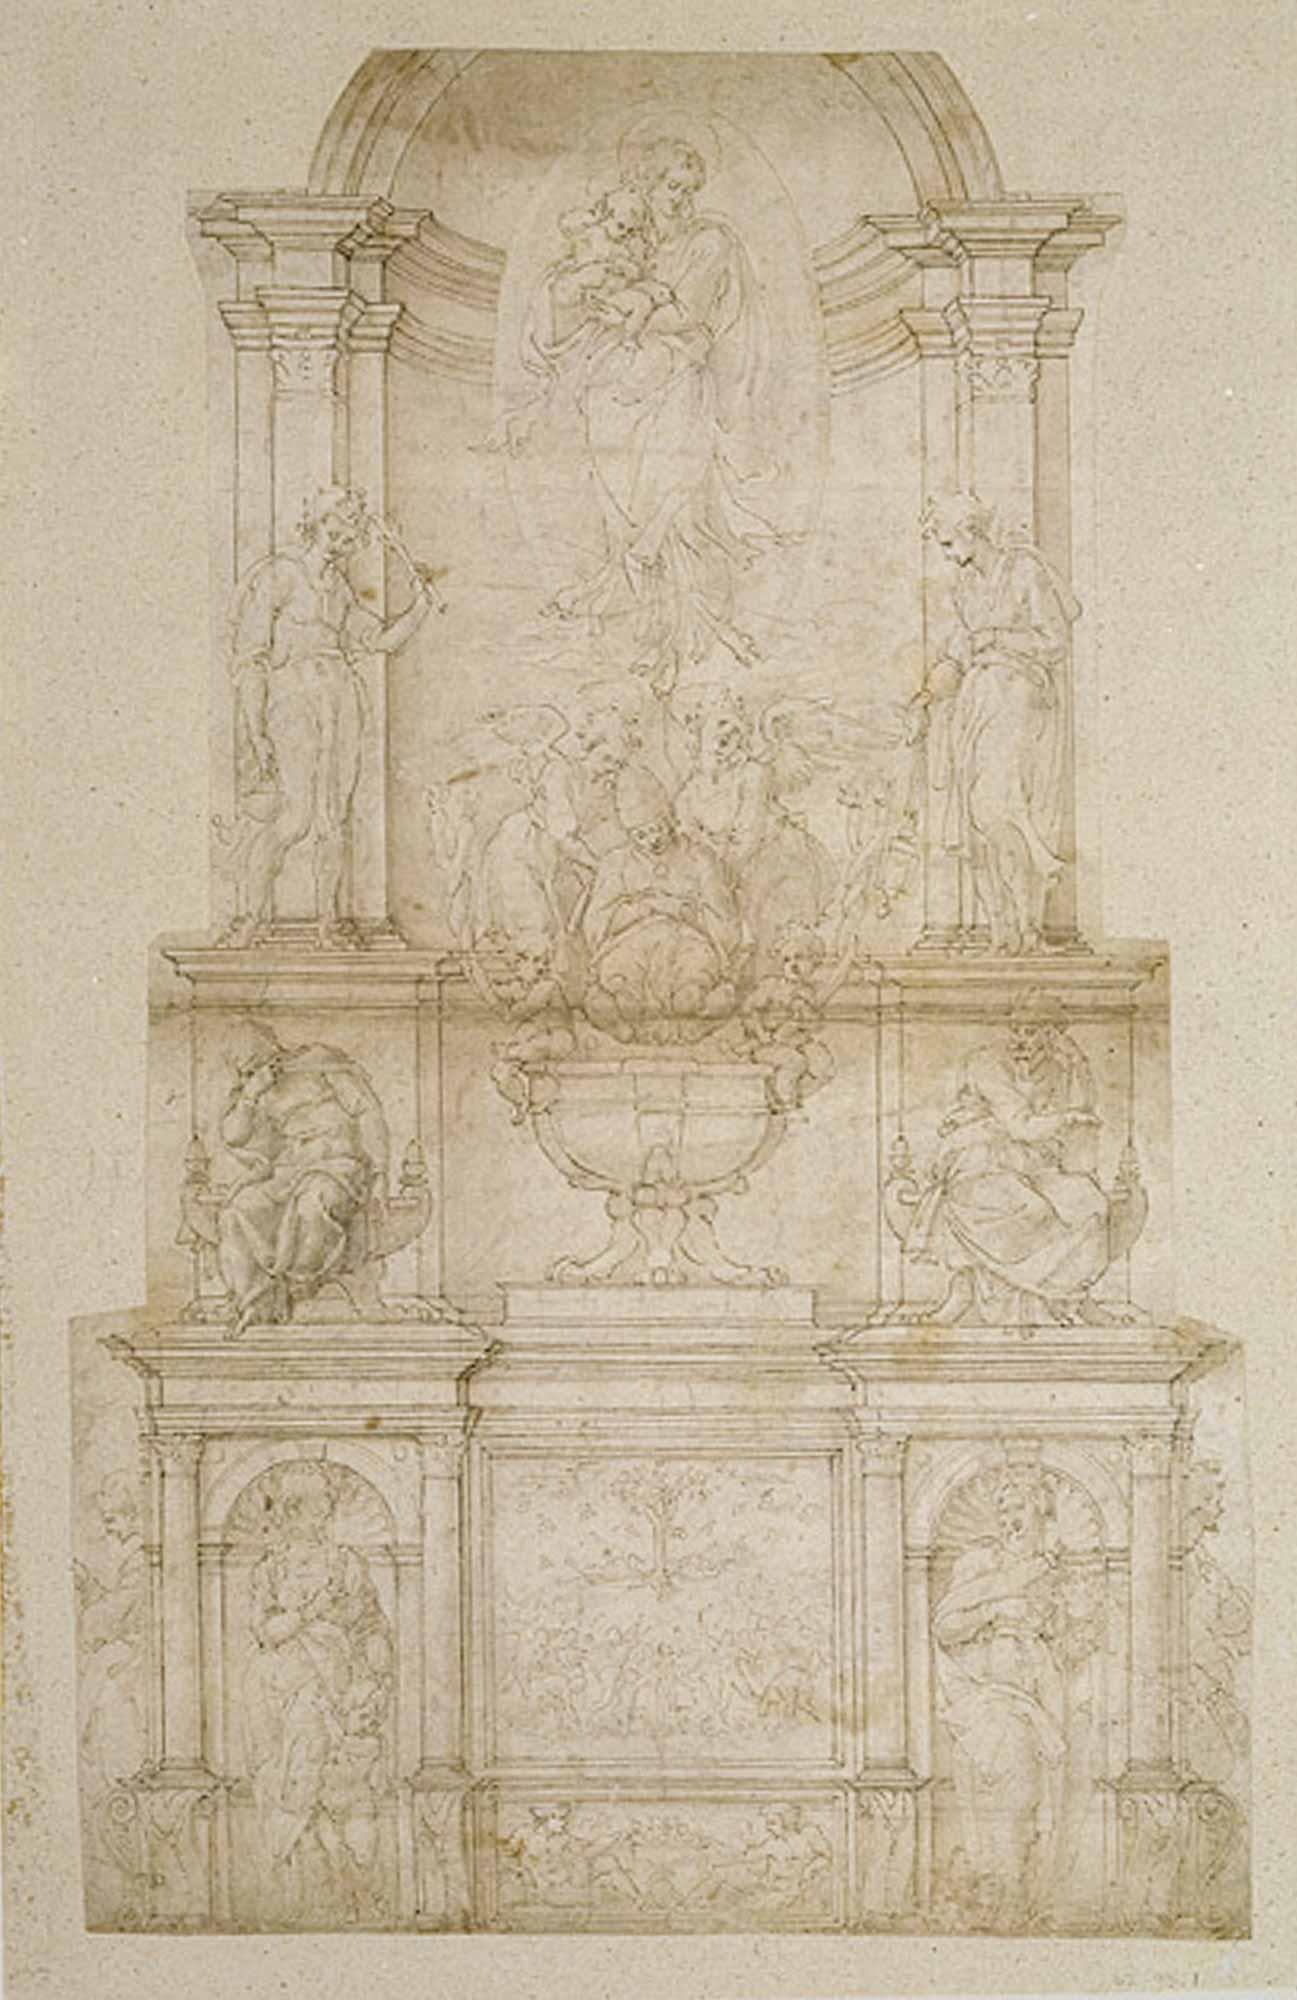 Estudio Tumba de Julio II, primera versión - Miguel Ángel